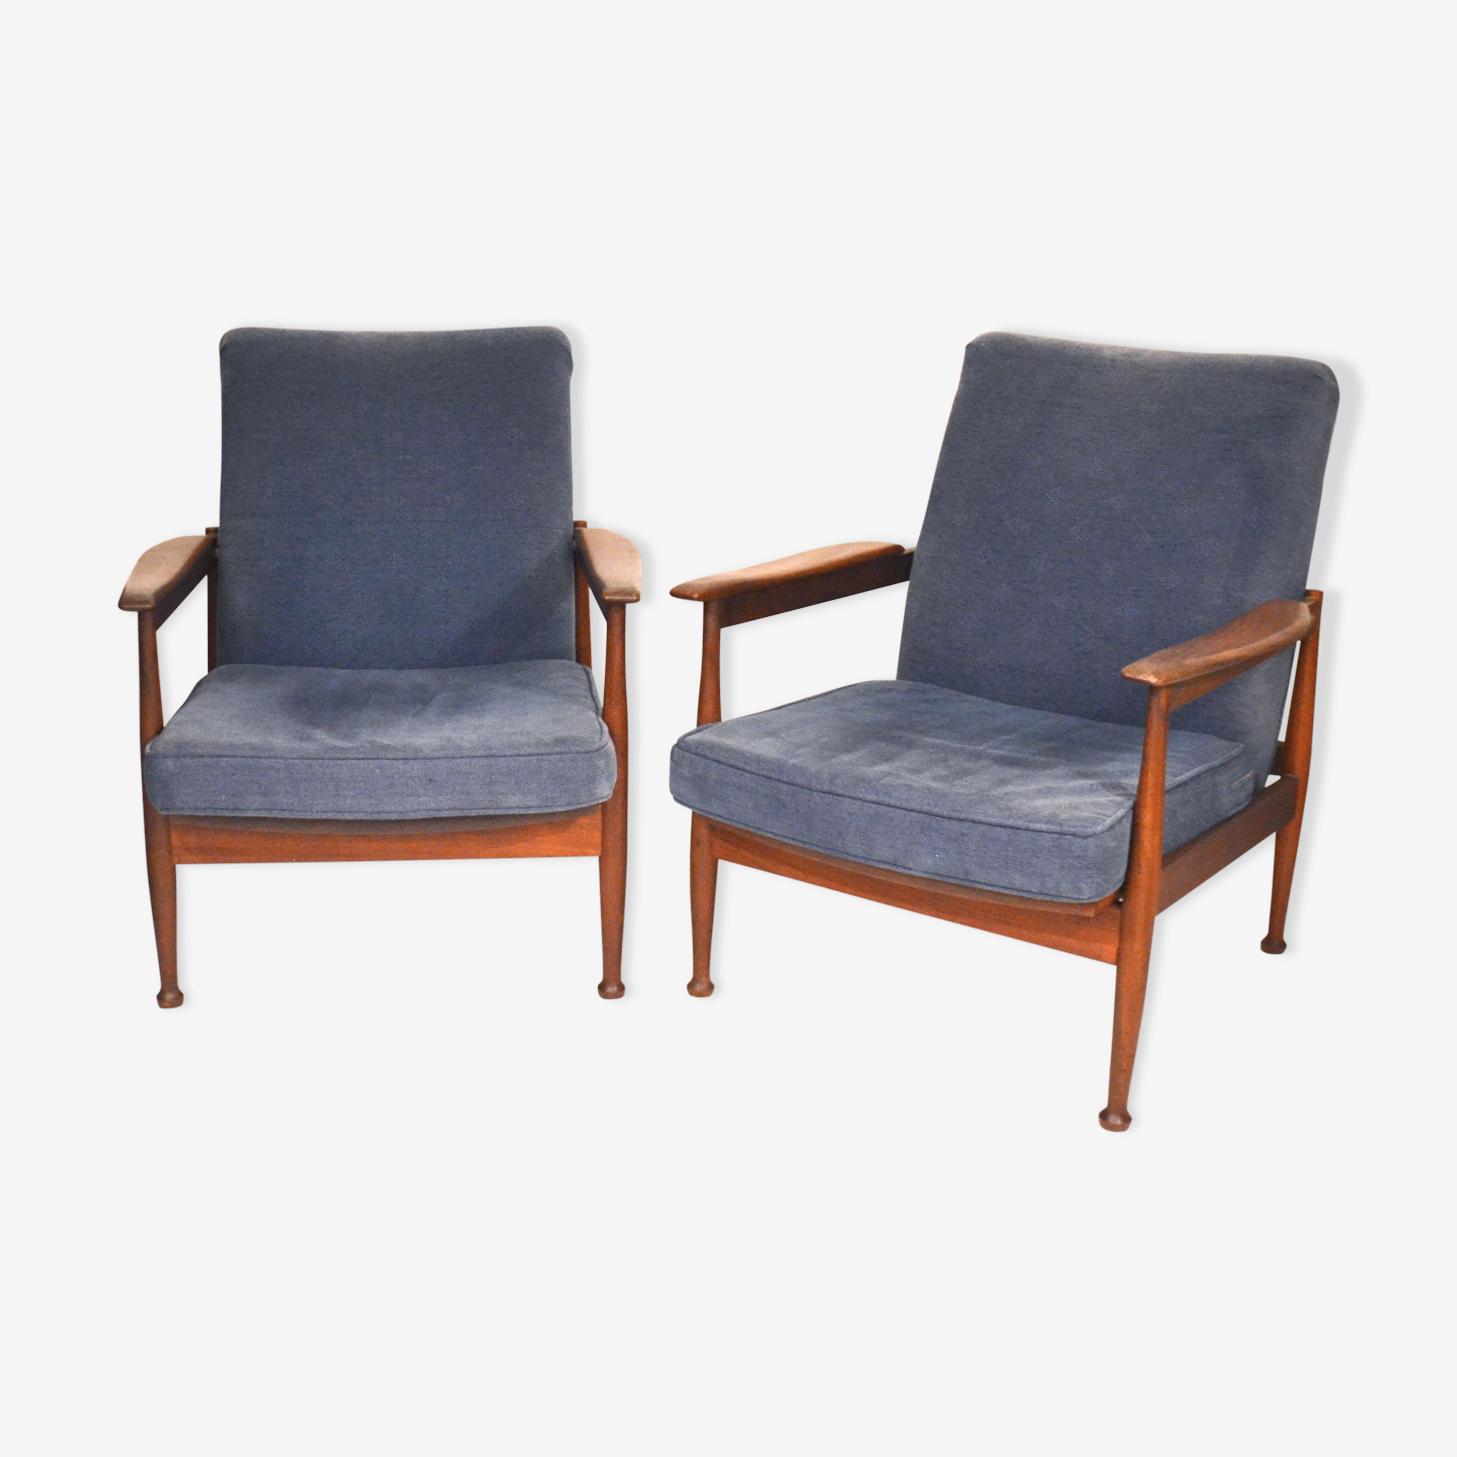 Paire de fauteuils scandinaves en teck et velours bleu